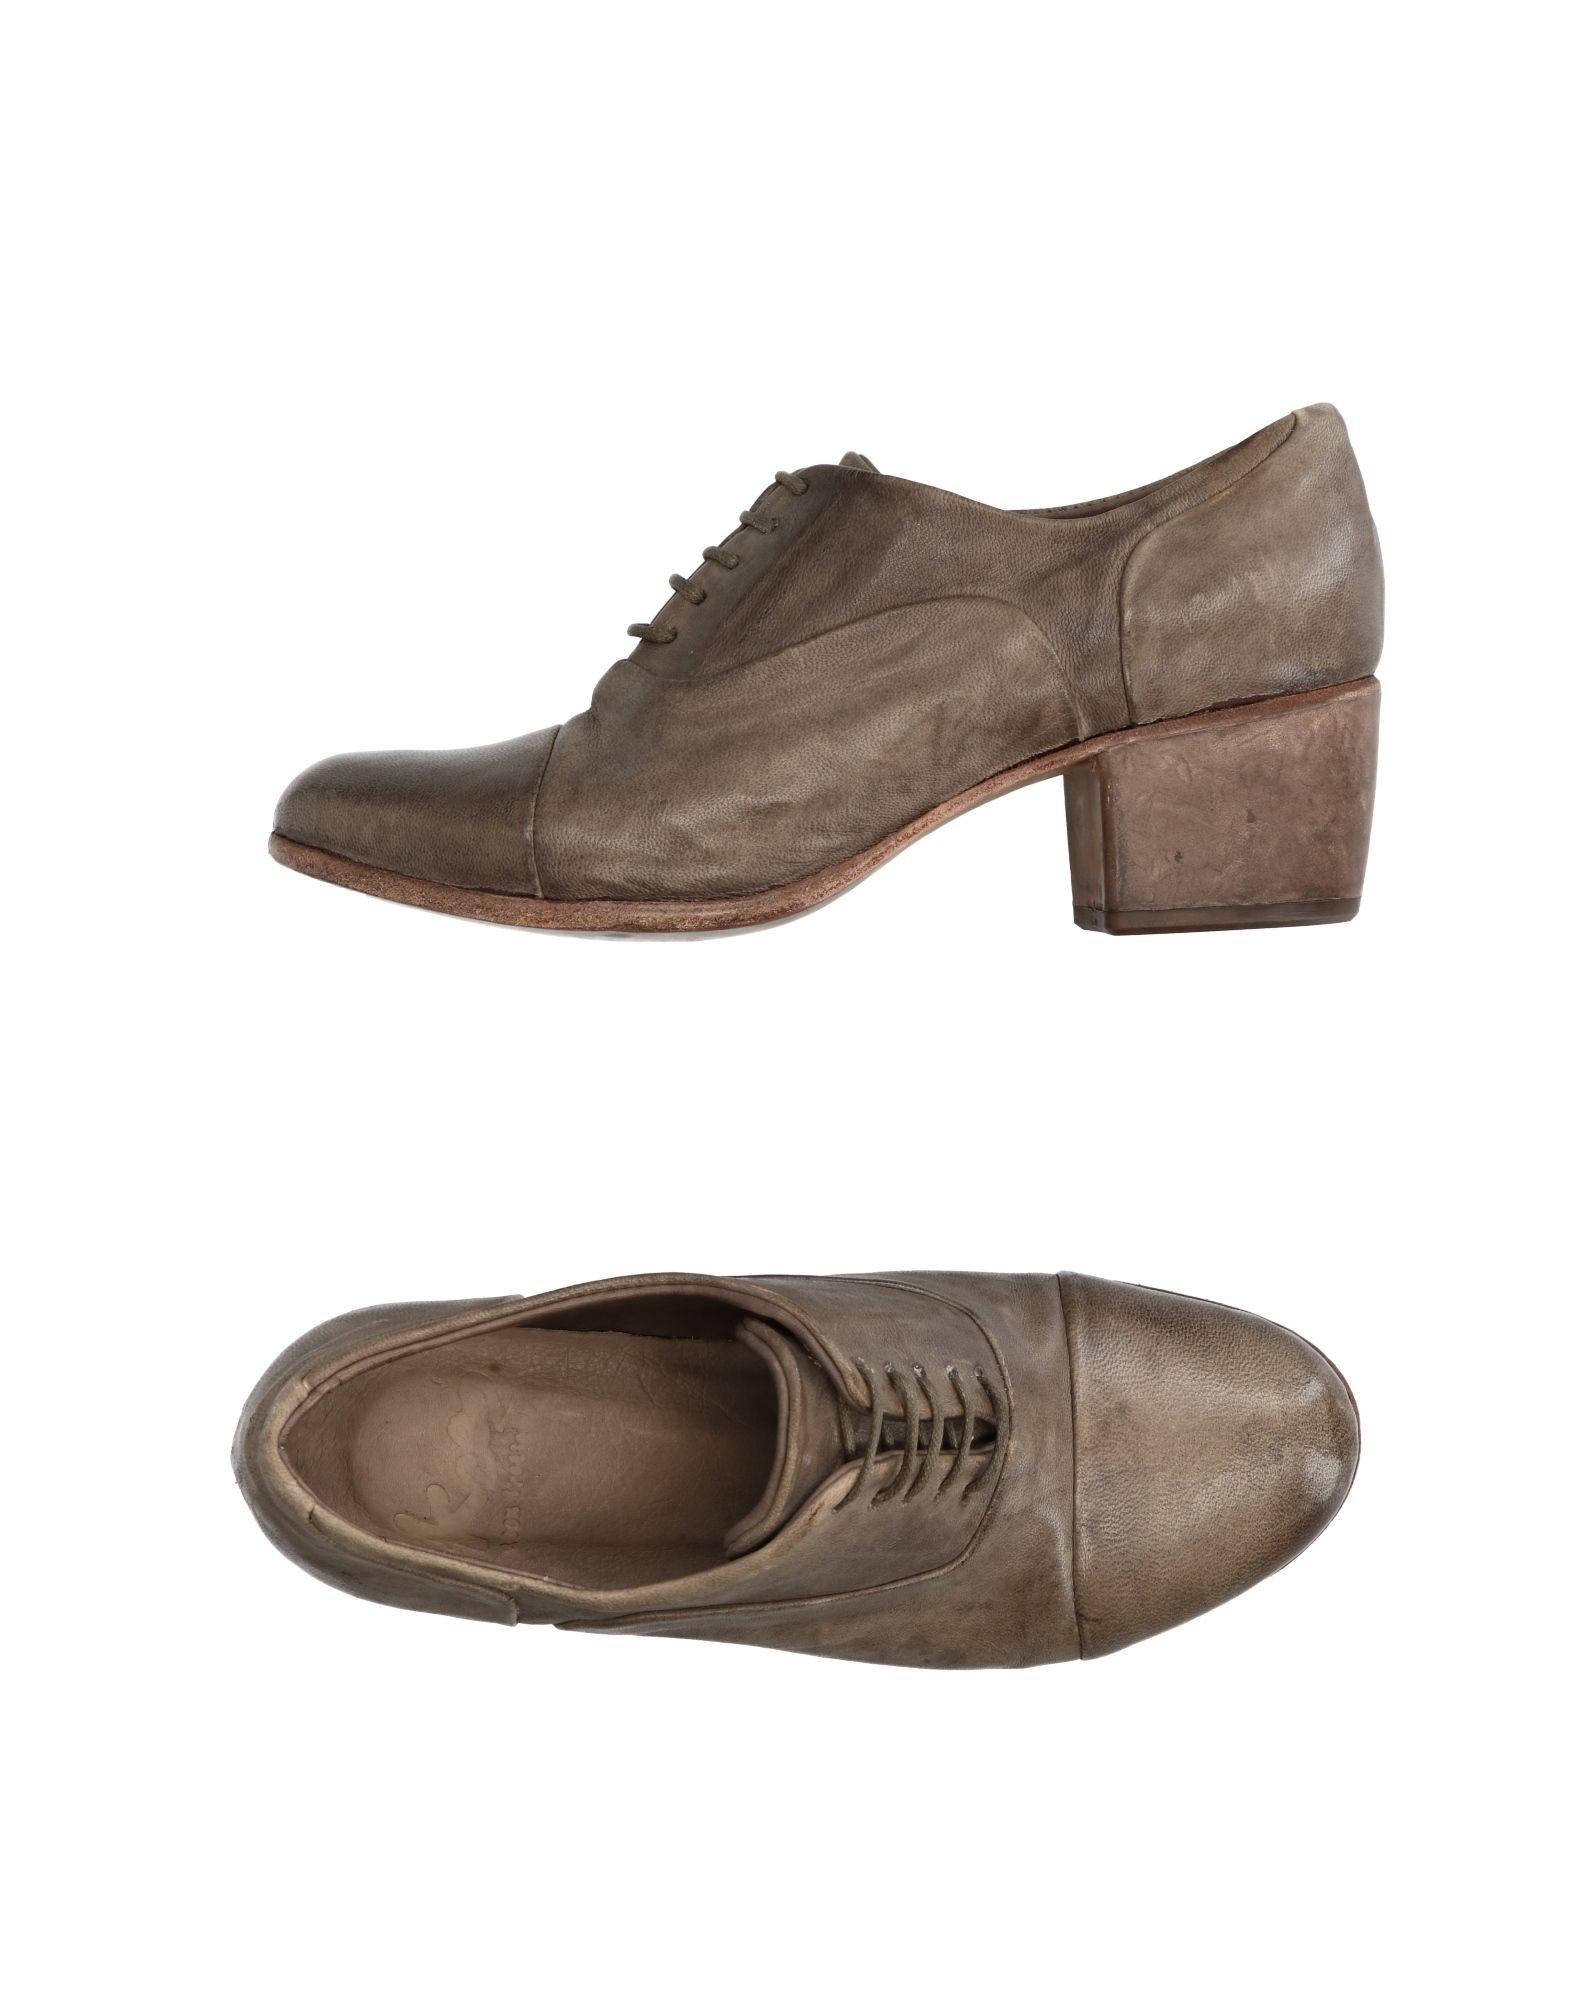 Keep Mokassins Damen  11294693ML Gute Qualität beliebte Schuhe